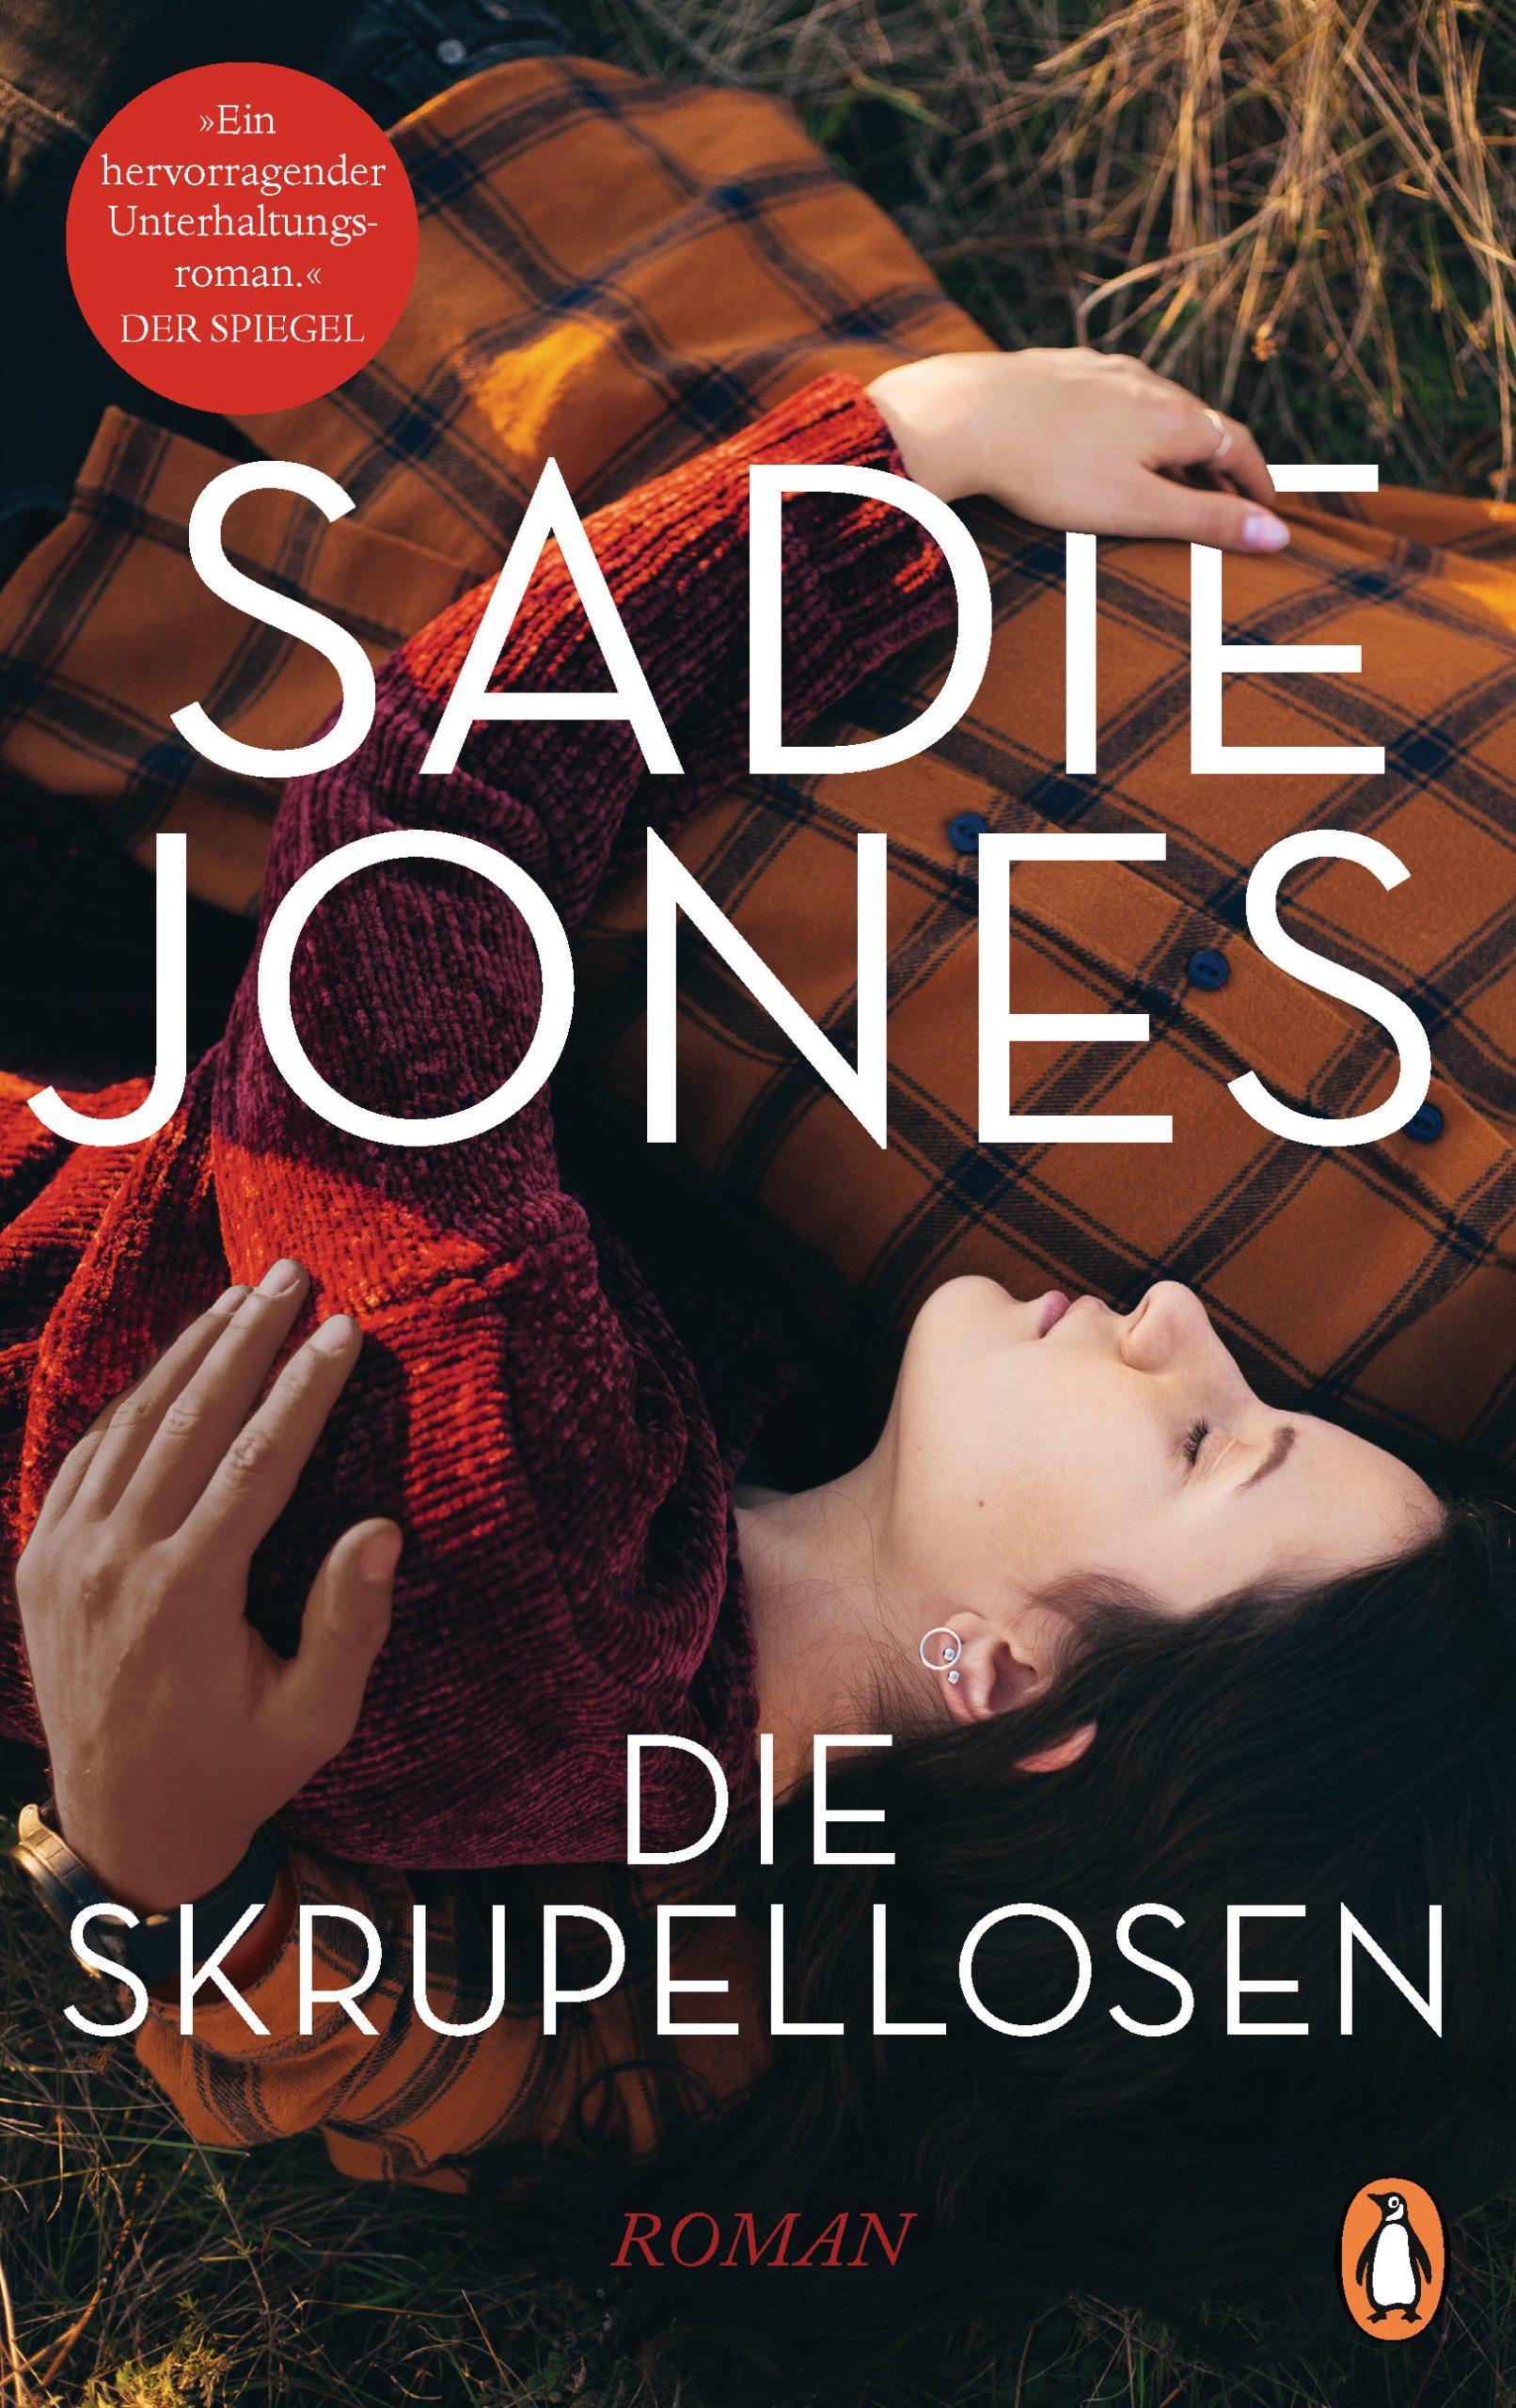 Die Skrupellosen von Sadie Jones